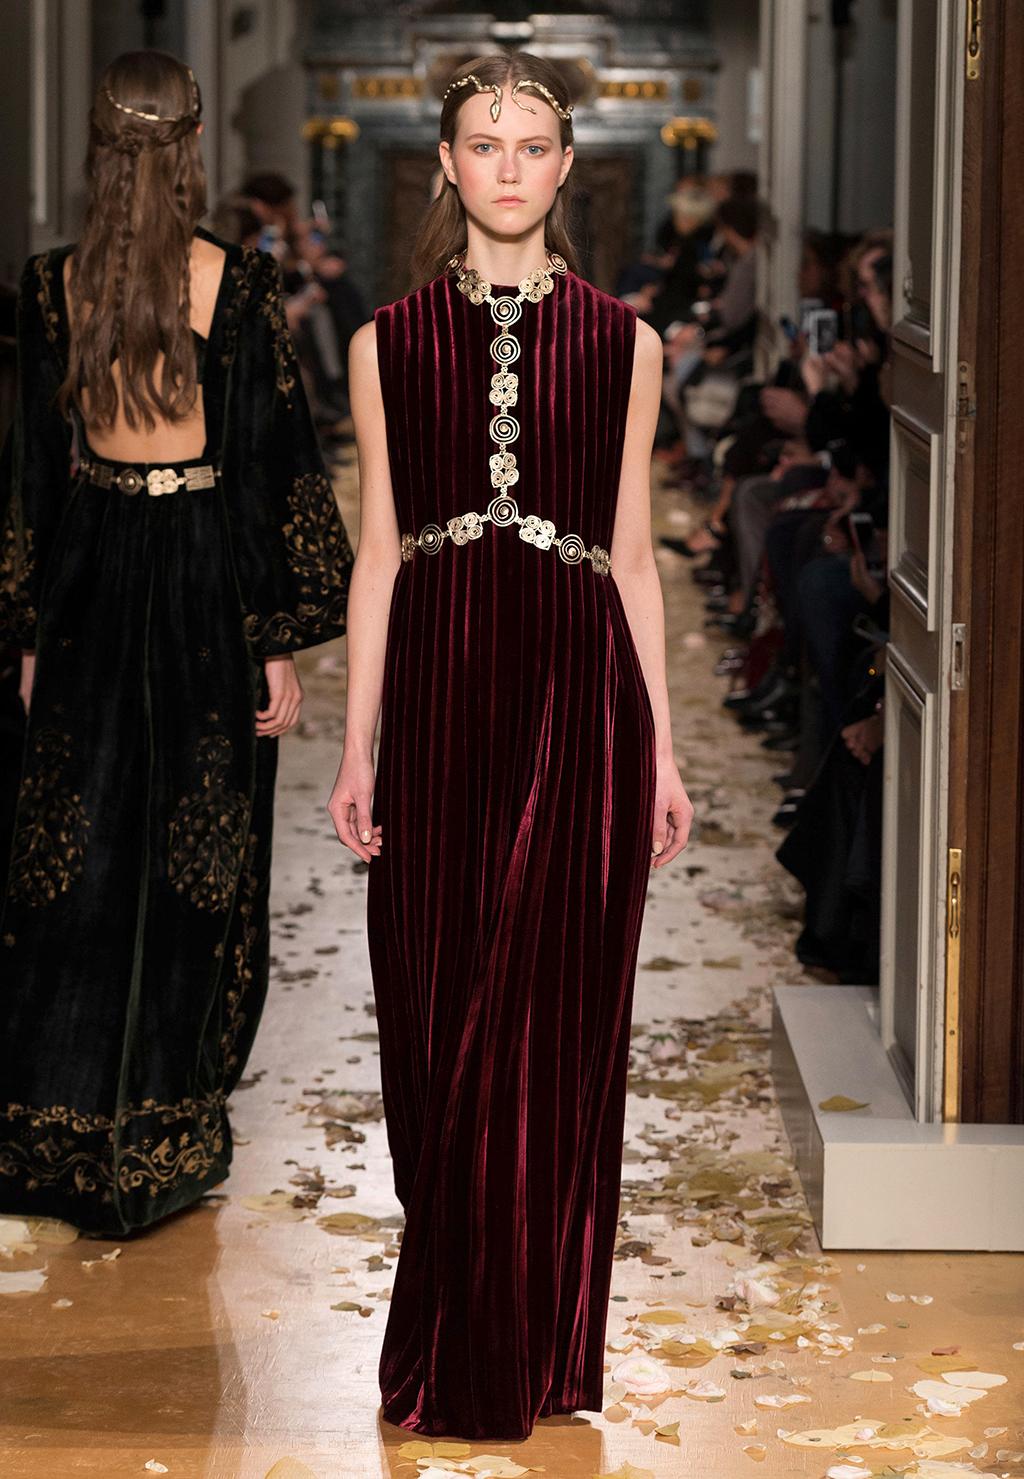 Valentino-Couture-Silhouette-11